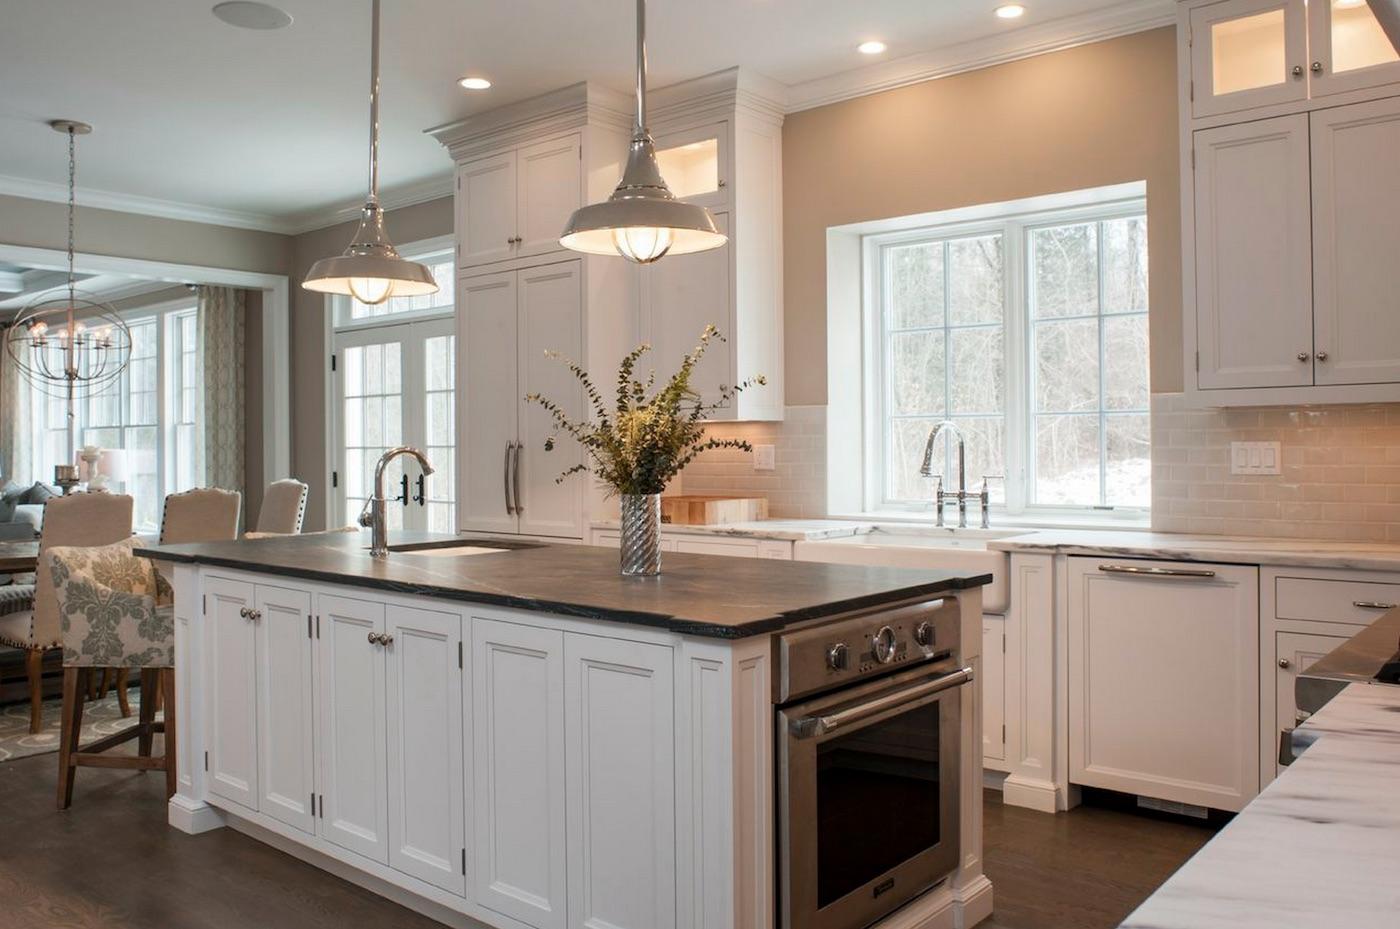 Farmington Home Kitchen 2